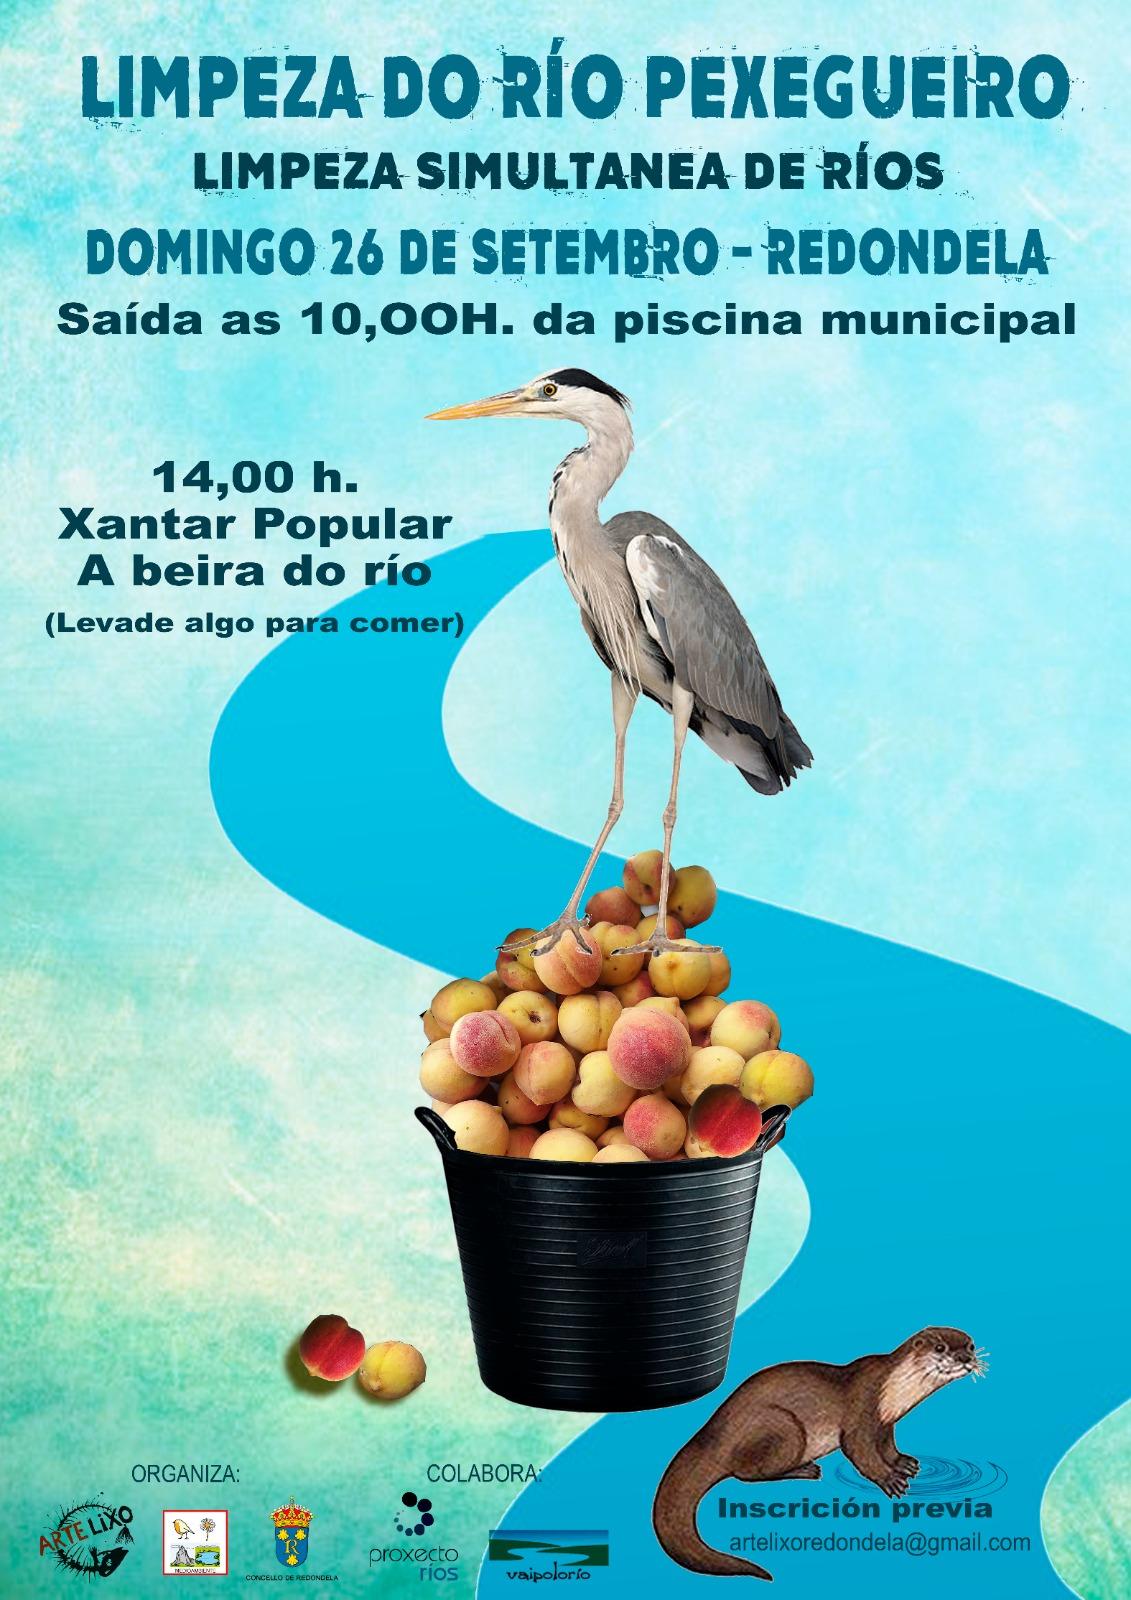 Redondela súmase á limpeza simultánea do 'Proxecto Ríos' de Adega